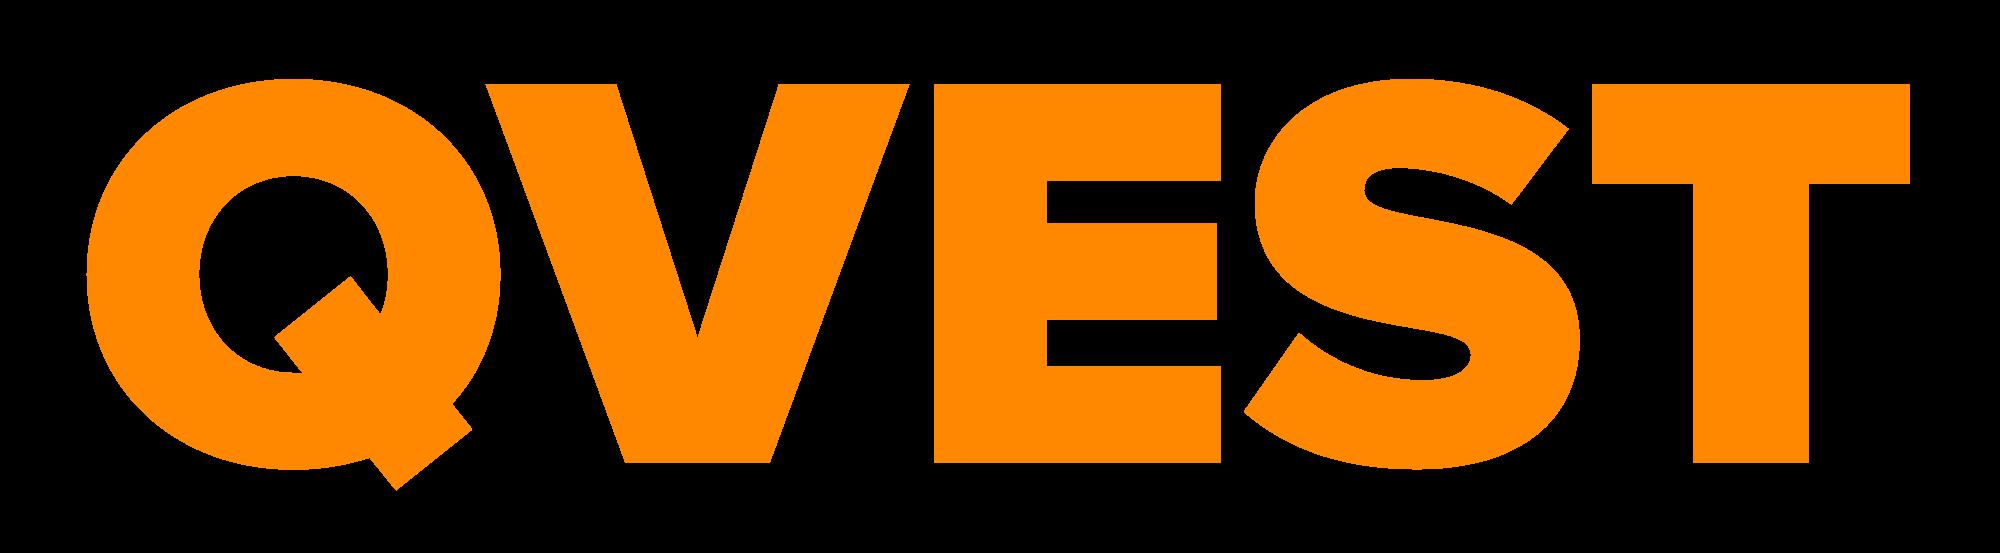 QVEST